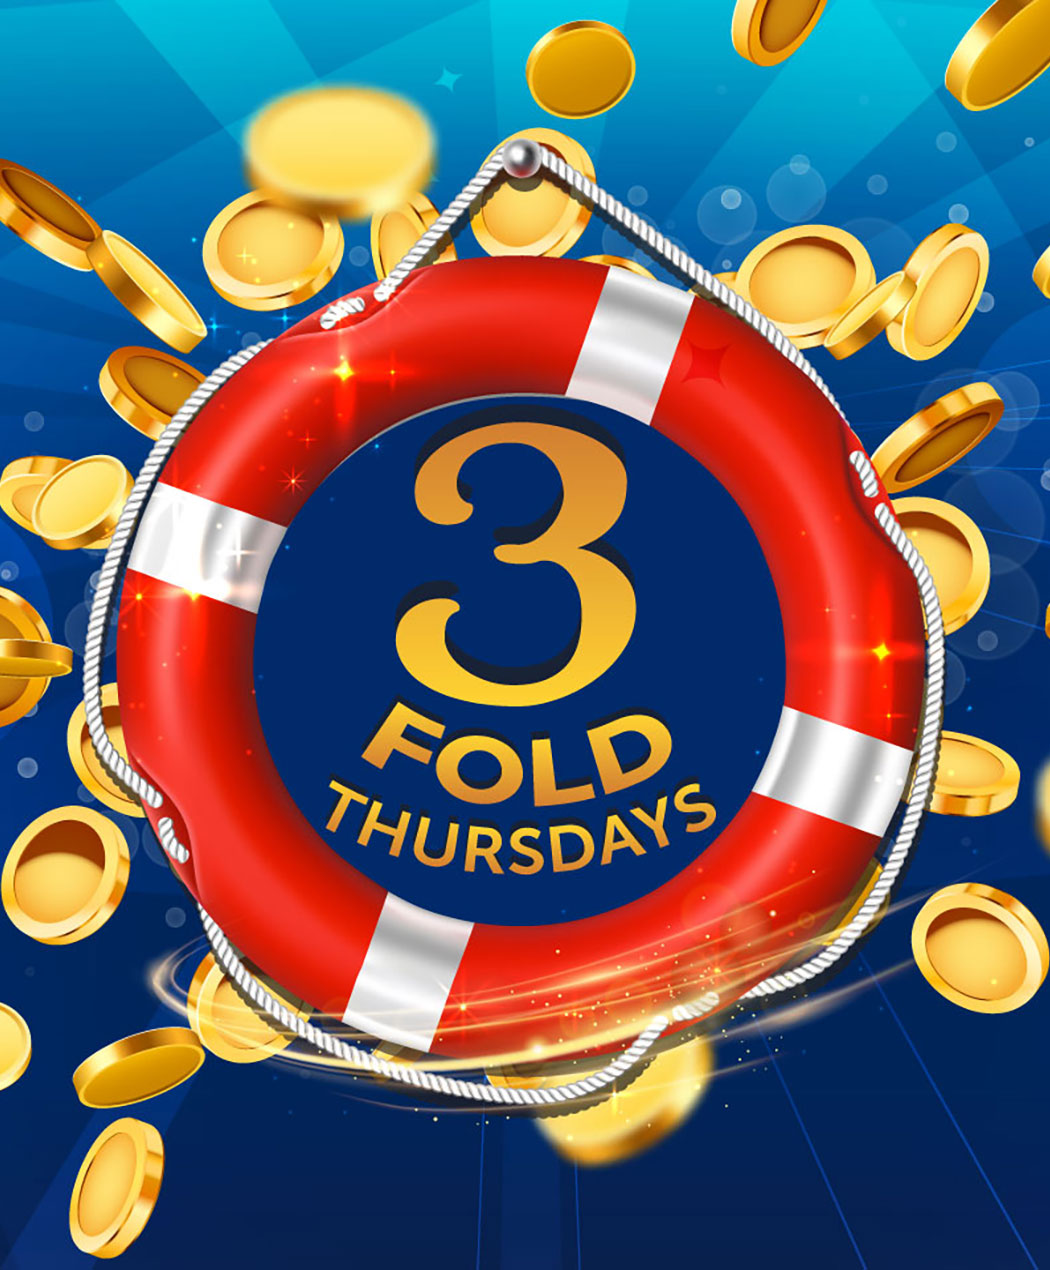 3 Fold Thursdays